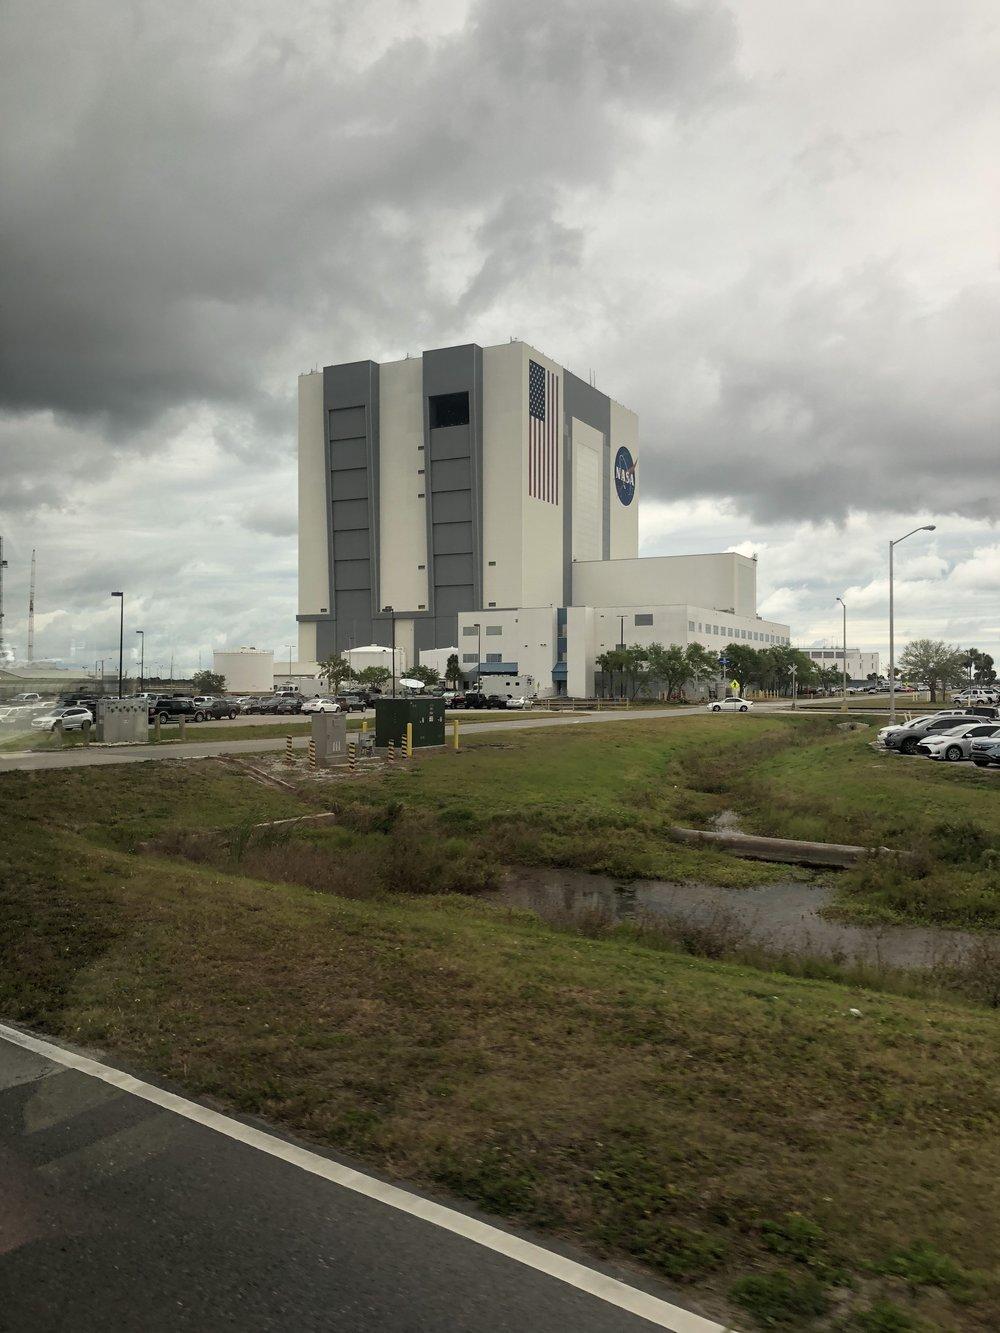 """NASA:n rakennus, jossa """"avaruusalukset"""" tehdään. Kuvassa näkyvät kaksi korkeaa ovea ovat tiettävästi maailman suurimmat ovet, ja niiden aukeaminen kestää 35 minuuttia."""